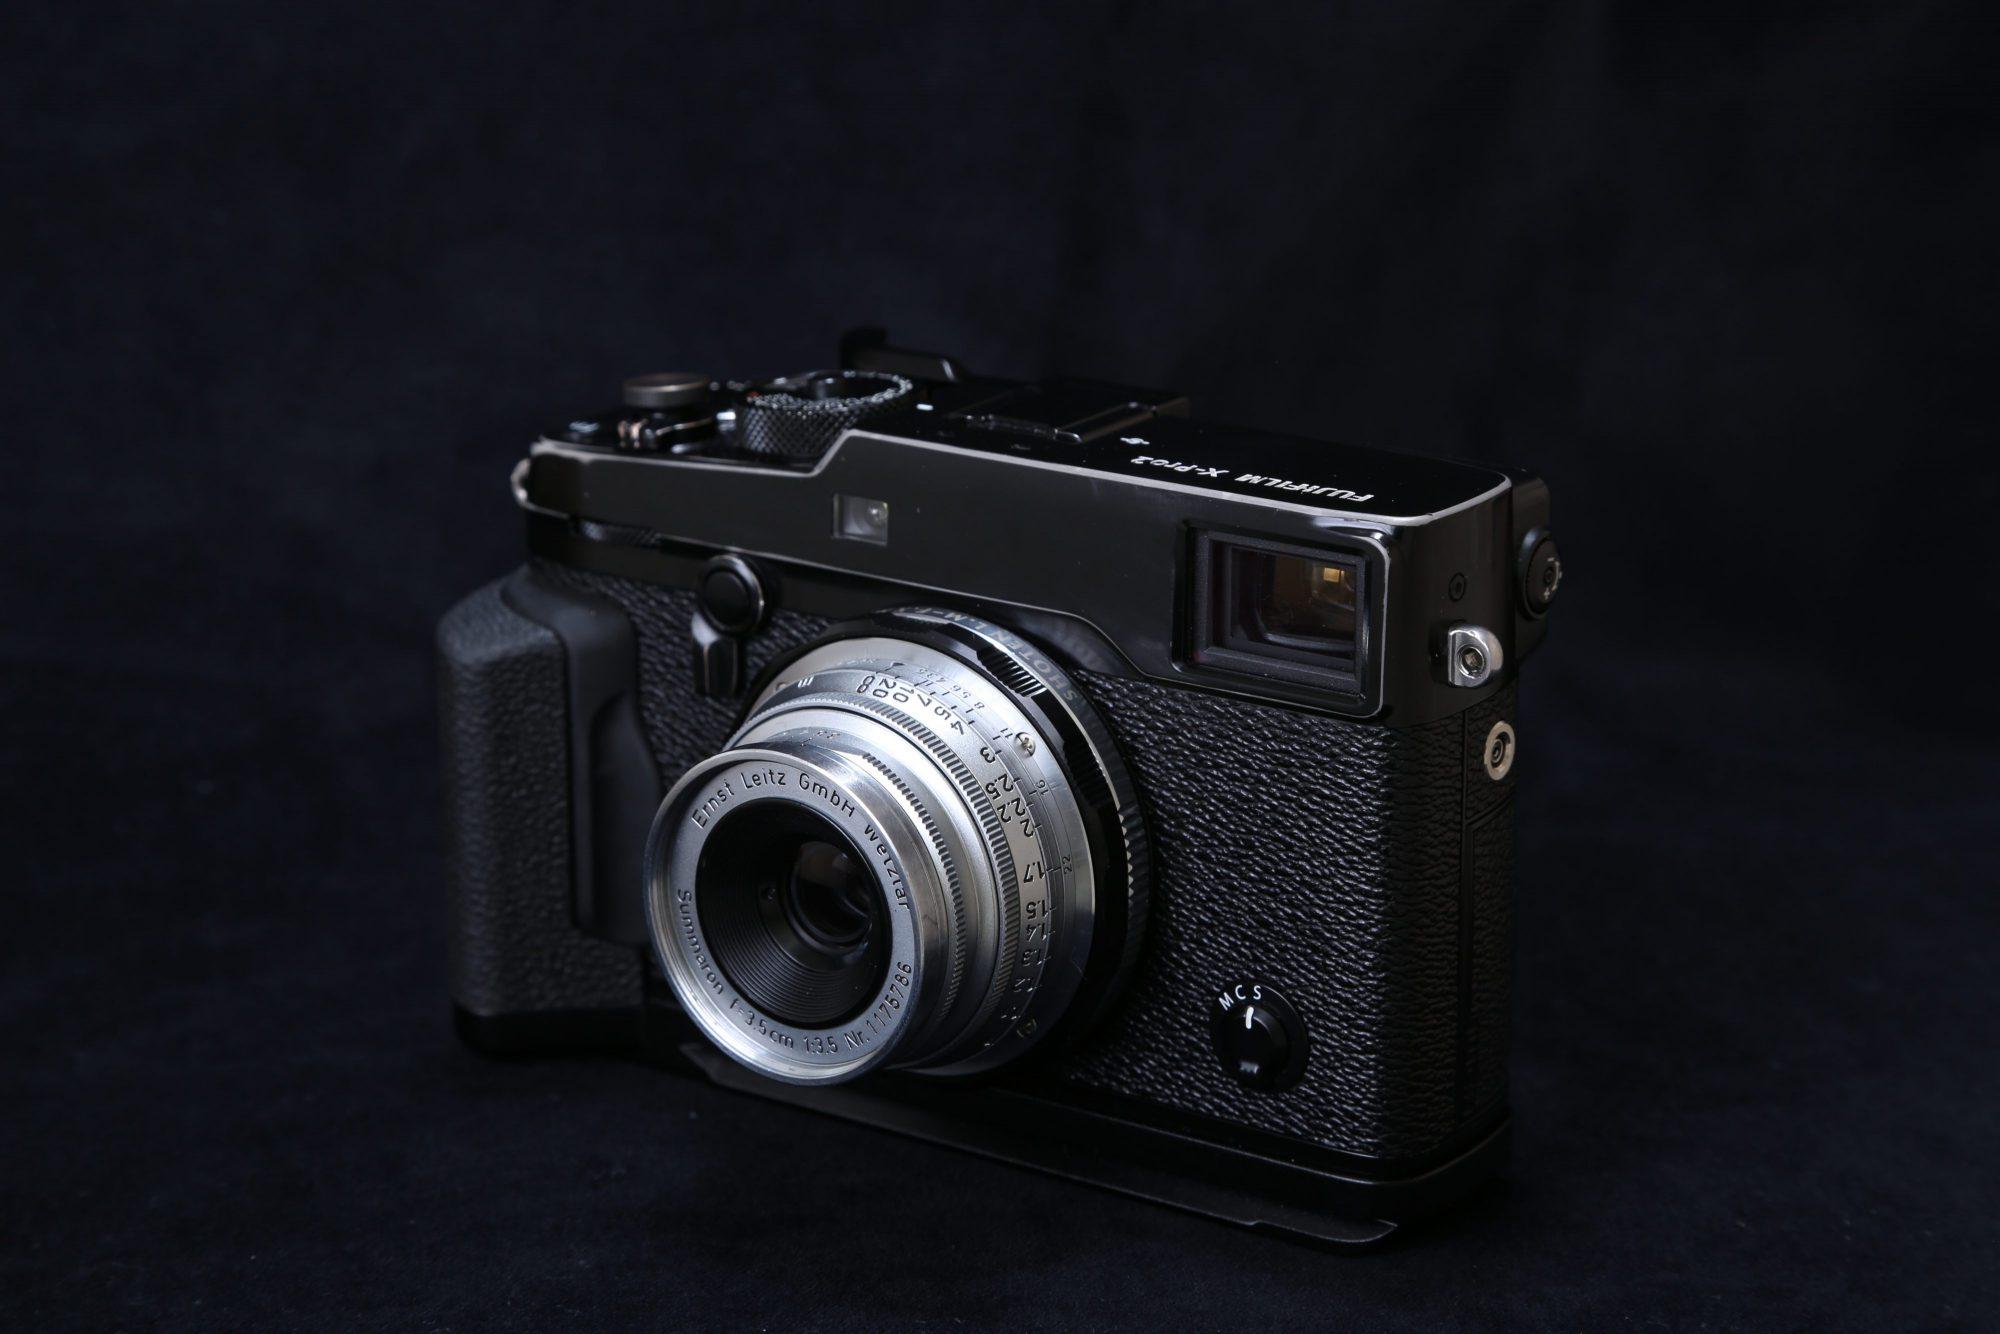 X-Pro2 Summaron 3.5cm F3.5